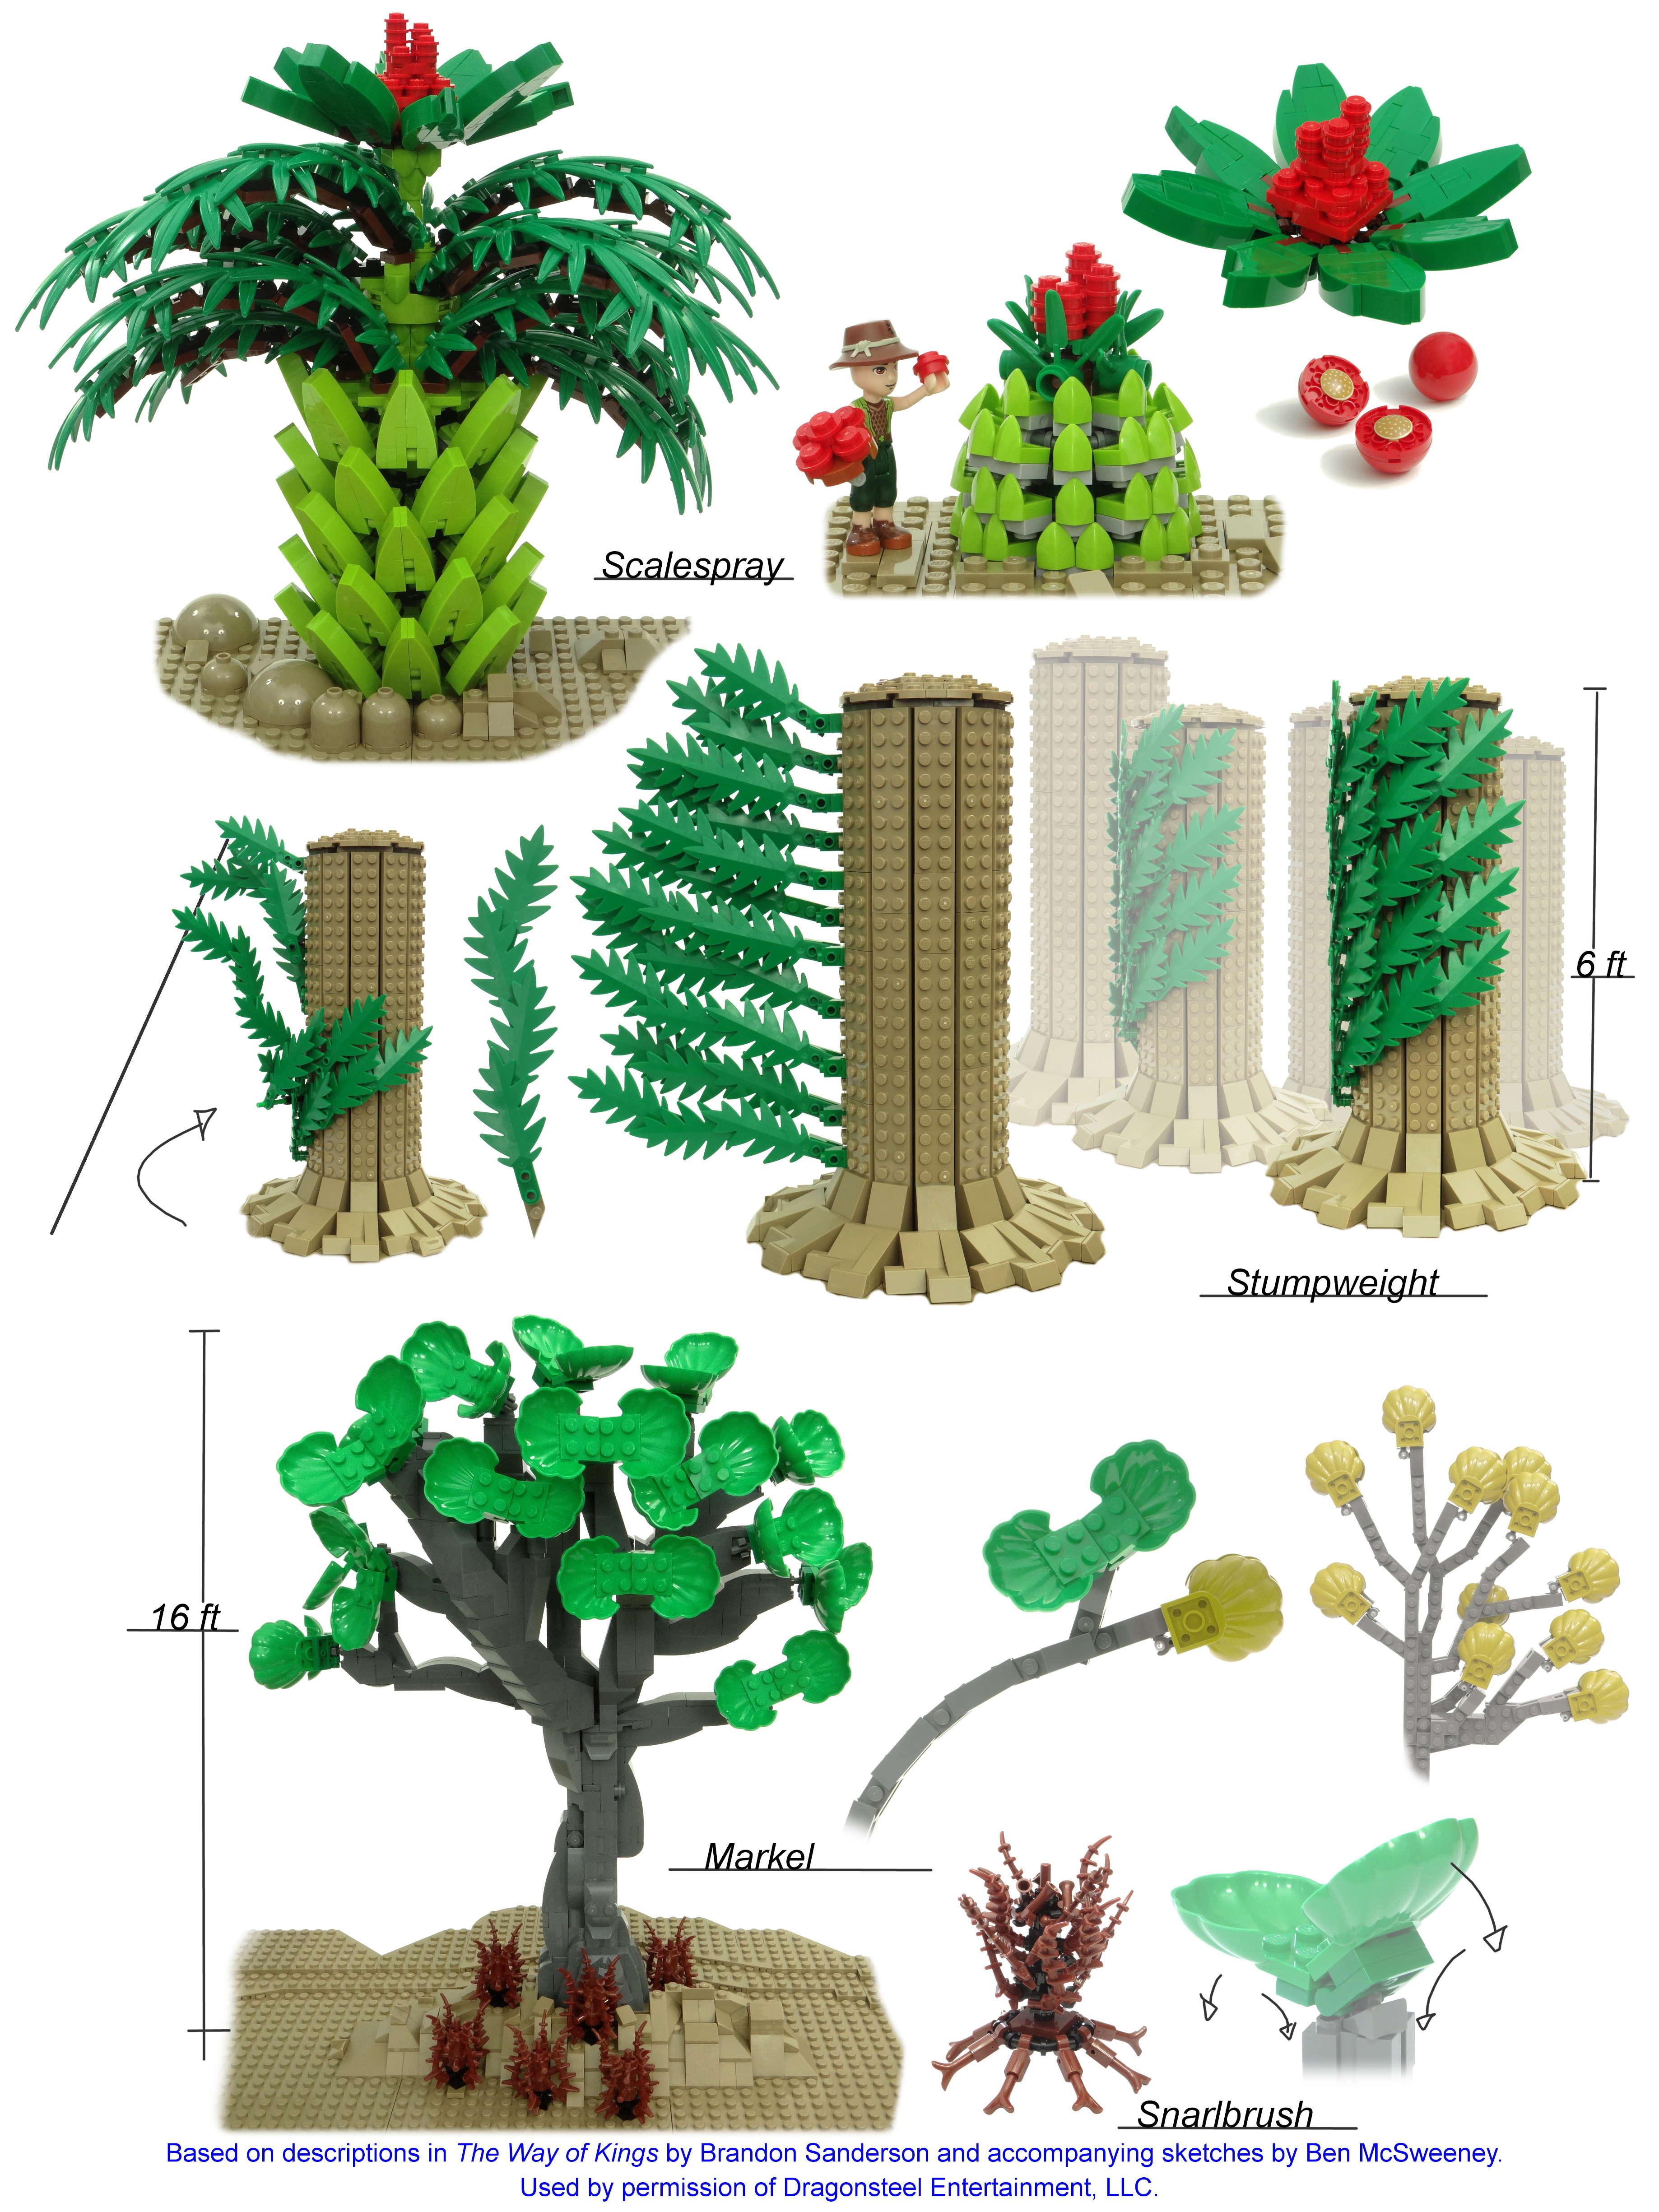 shallans_sketchbook_06_plants